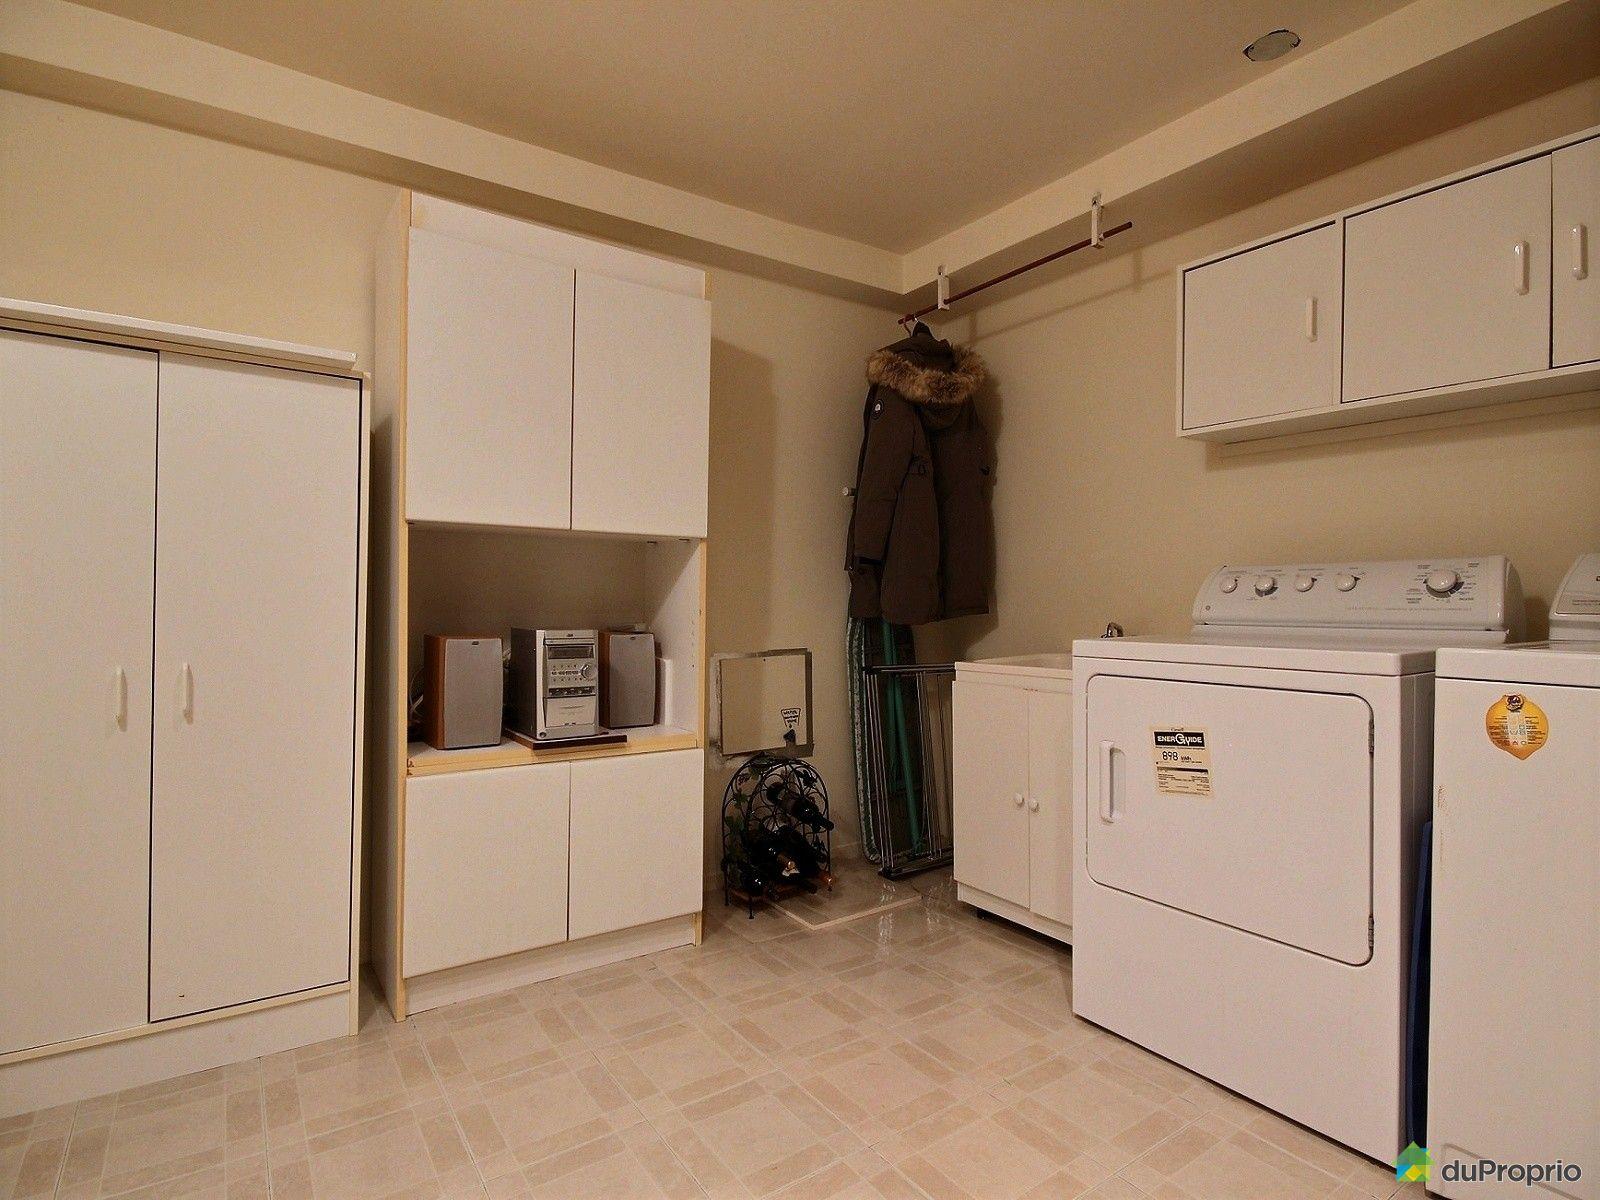 Maison vendre montr al 611 avenue donegani immobilier for Ares cuisine pointe claire